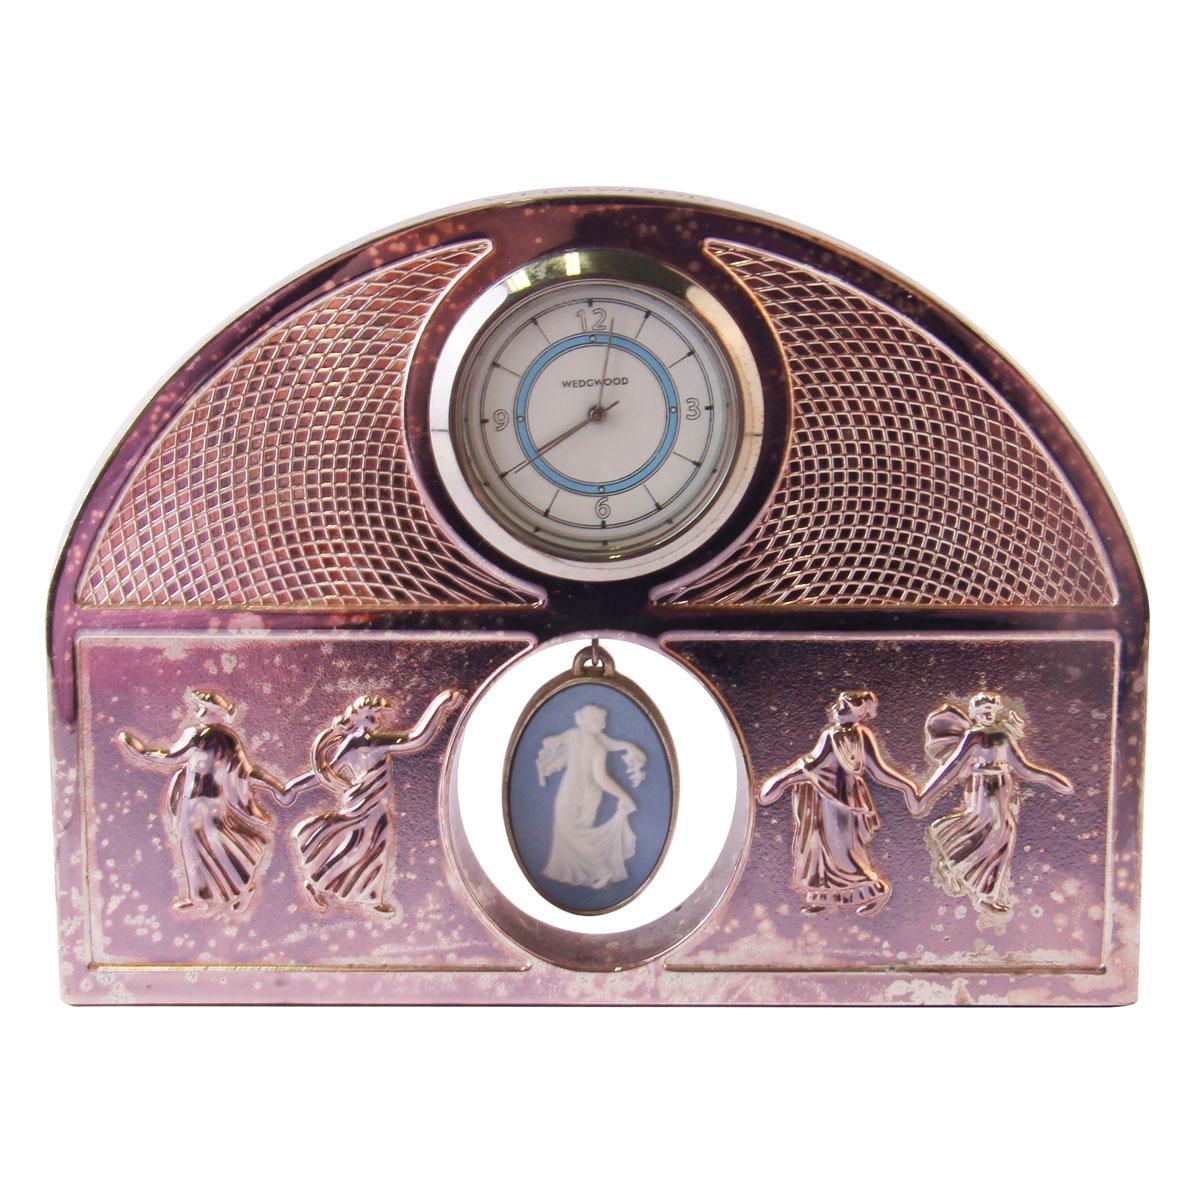 Высота 9 см, длина 12 см, ширина 2,5 см. Сохранность хорошая. Часы работают от батарейки типа LR1.На основании клеймо WEDGWOOD. Корпус часов выполнен из металла серебристого оттенка.  Великолепный оригинальный подарок и прекрасное дополнение Вашей коллекции! Фарфоровые и фаянсовые изделия фабрики Веджвуд (Wedgwood) считаются общепризнанным эталоном утонченной эстетики и английского качества.